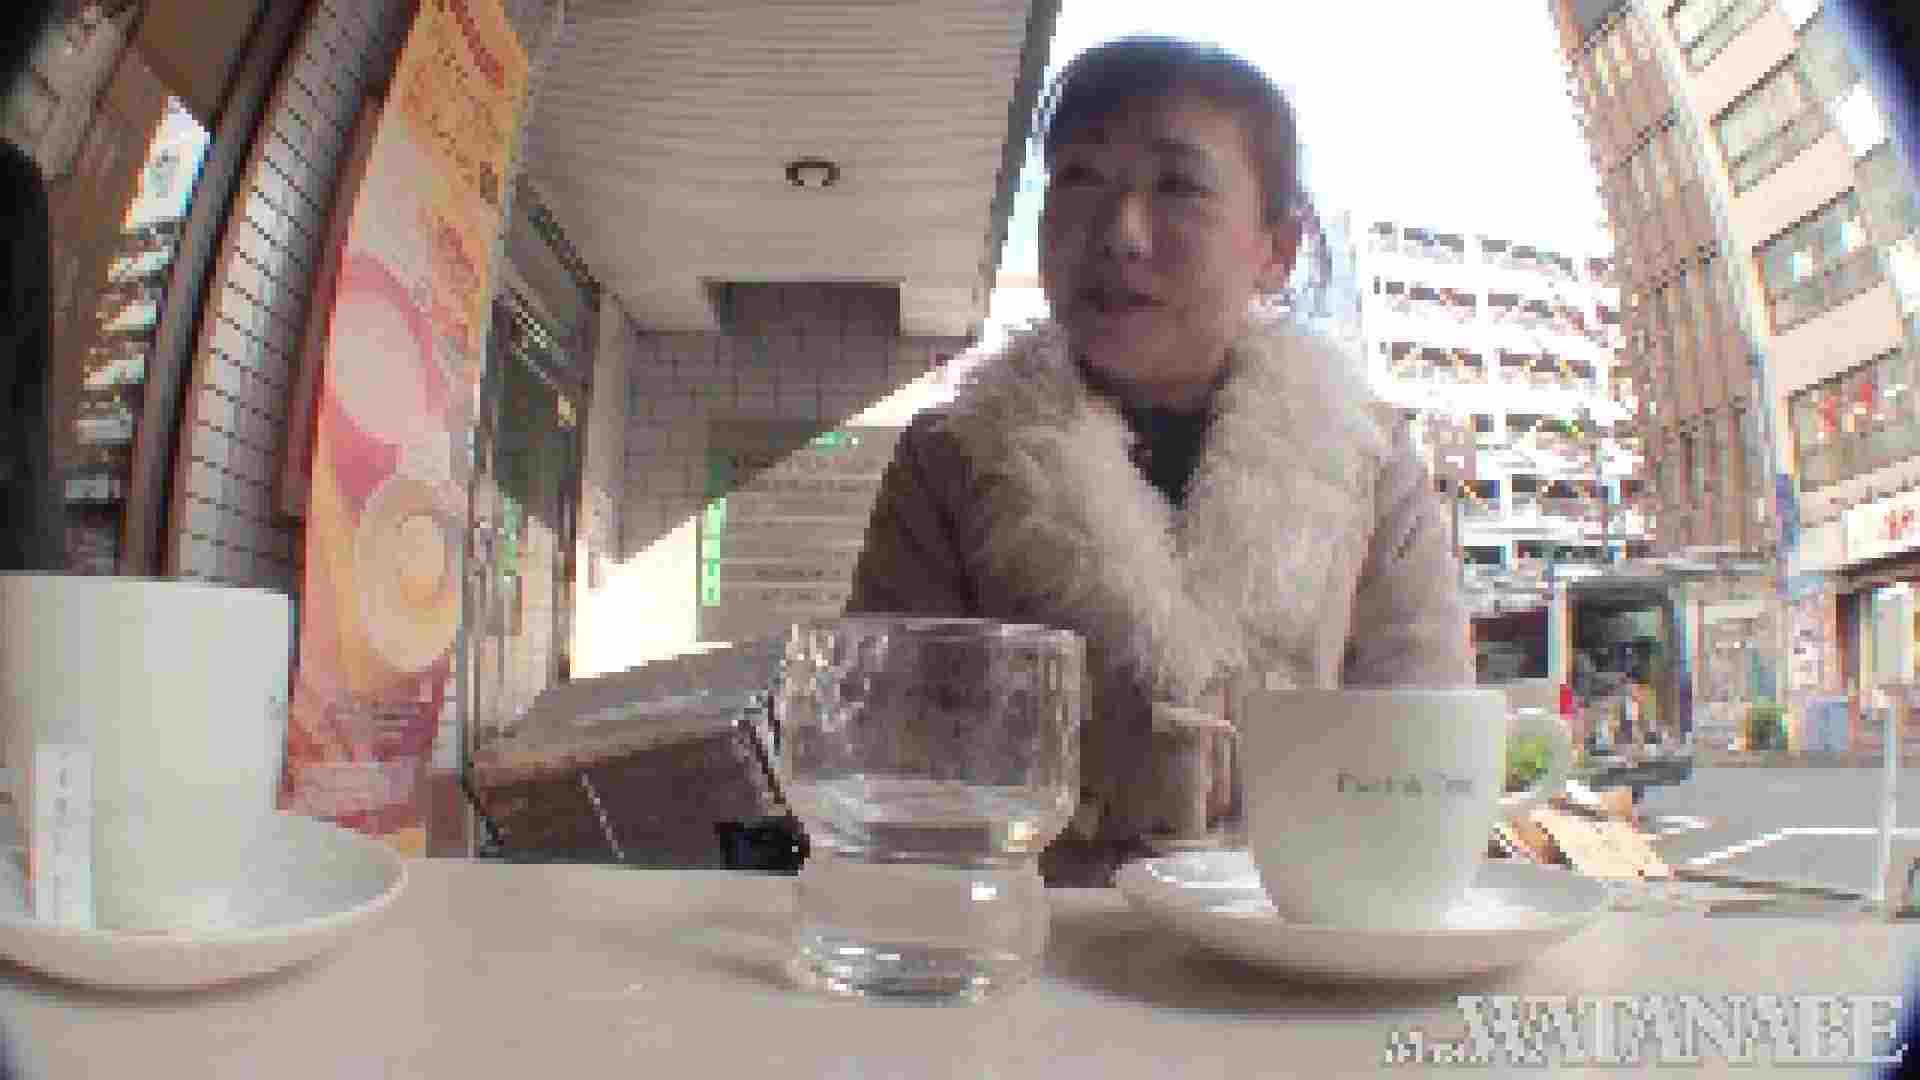 撮影スタッフを誘惑する痴熟女 かおり40歳 Vol.01 OLのエッチ オマンコ動画キャプチャ 73pic 22